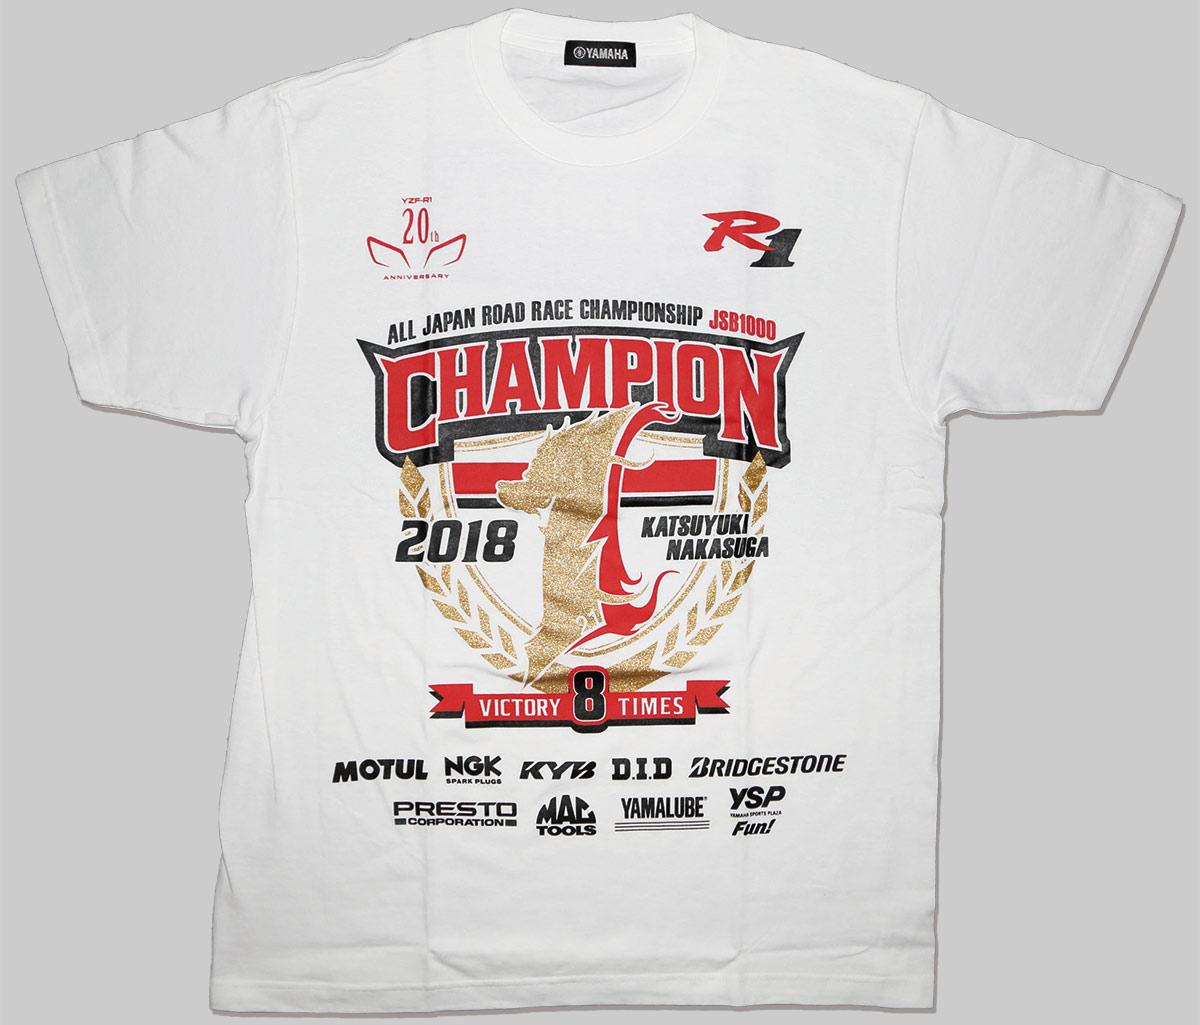 ヤマハJSBチャンピオンTシャツ